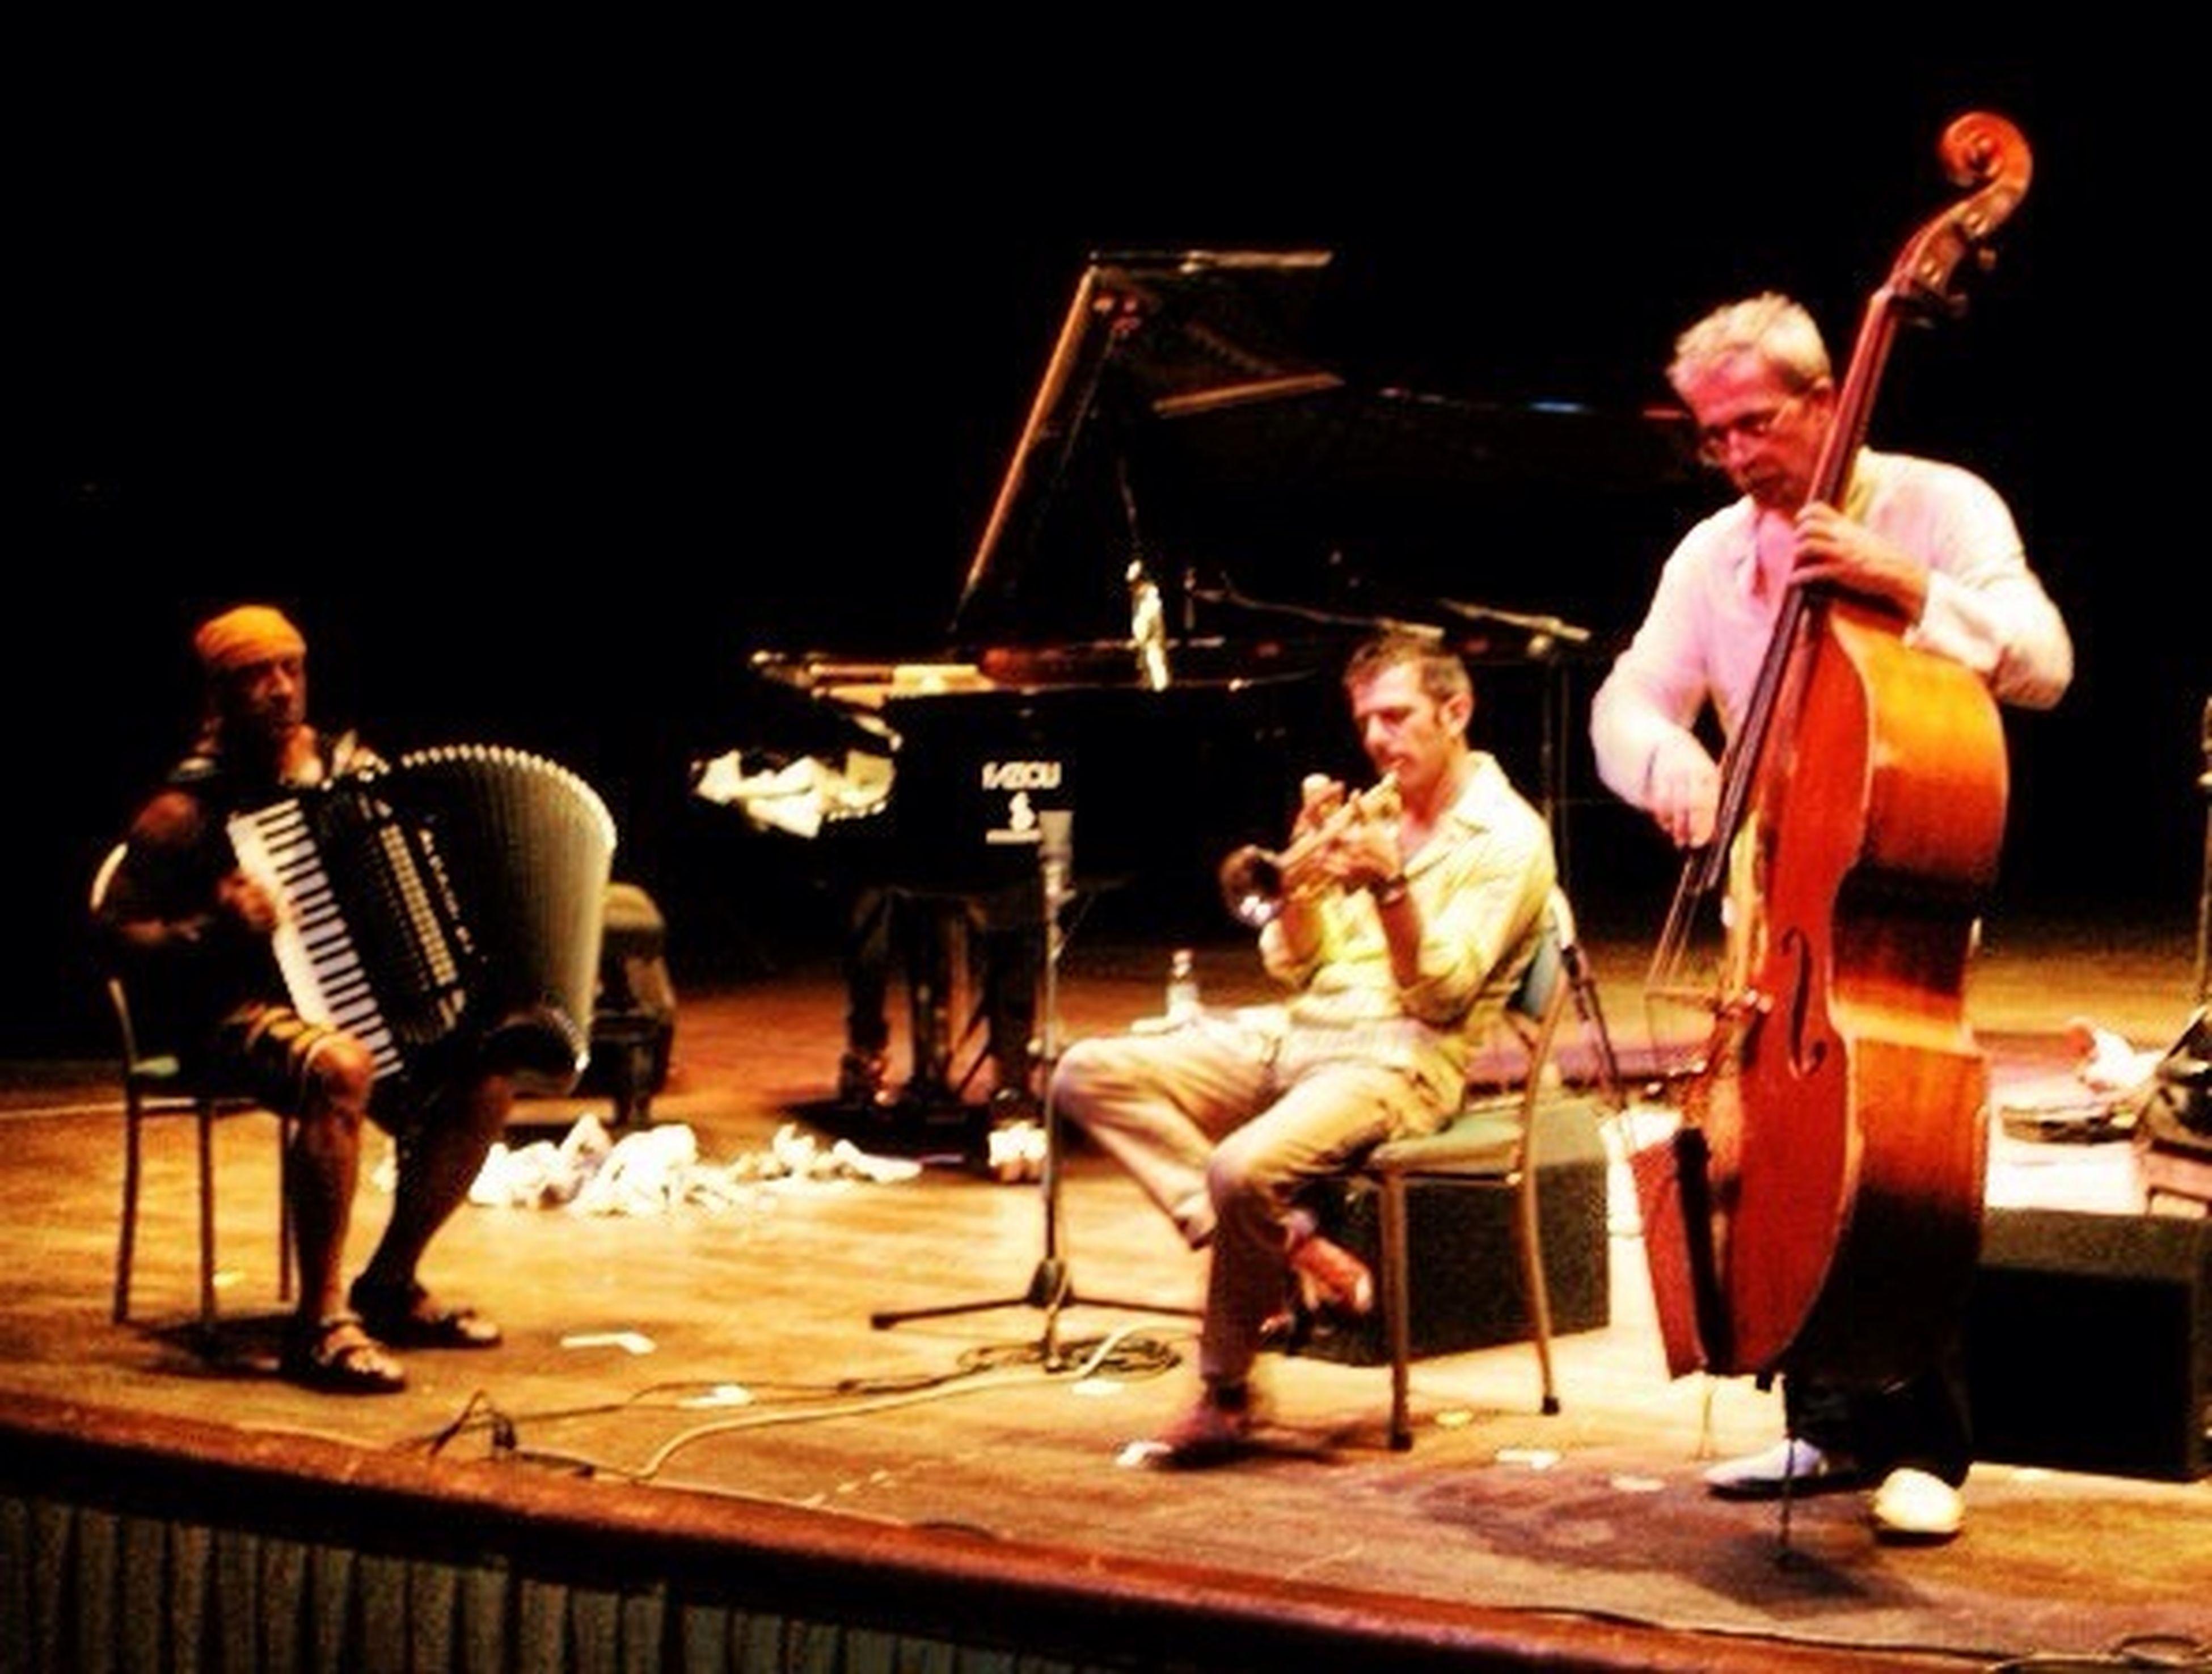 Paolo Fresu trumpet, Furio Di Castri DB, Antonello Salis accordion